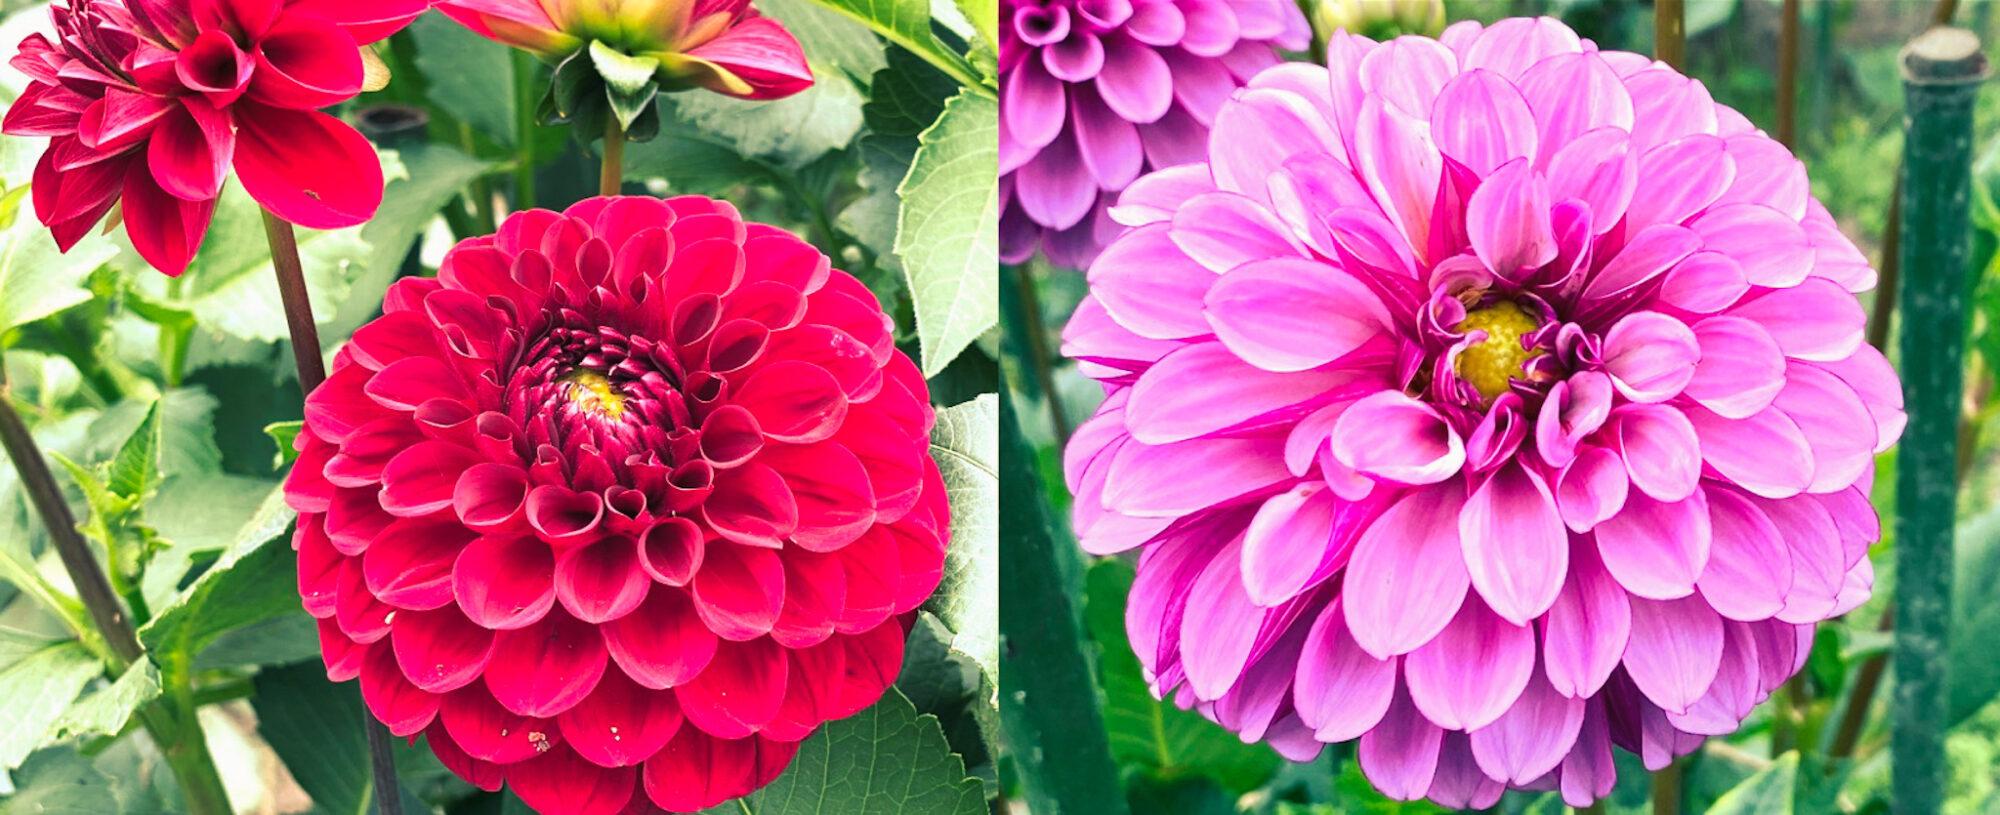 木島平村にあるやまびこの丘公園のダリアの花2